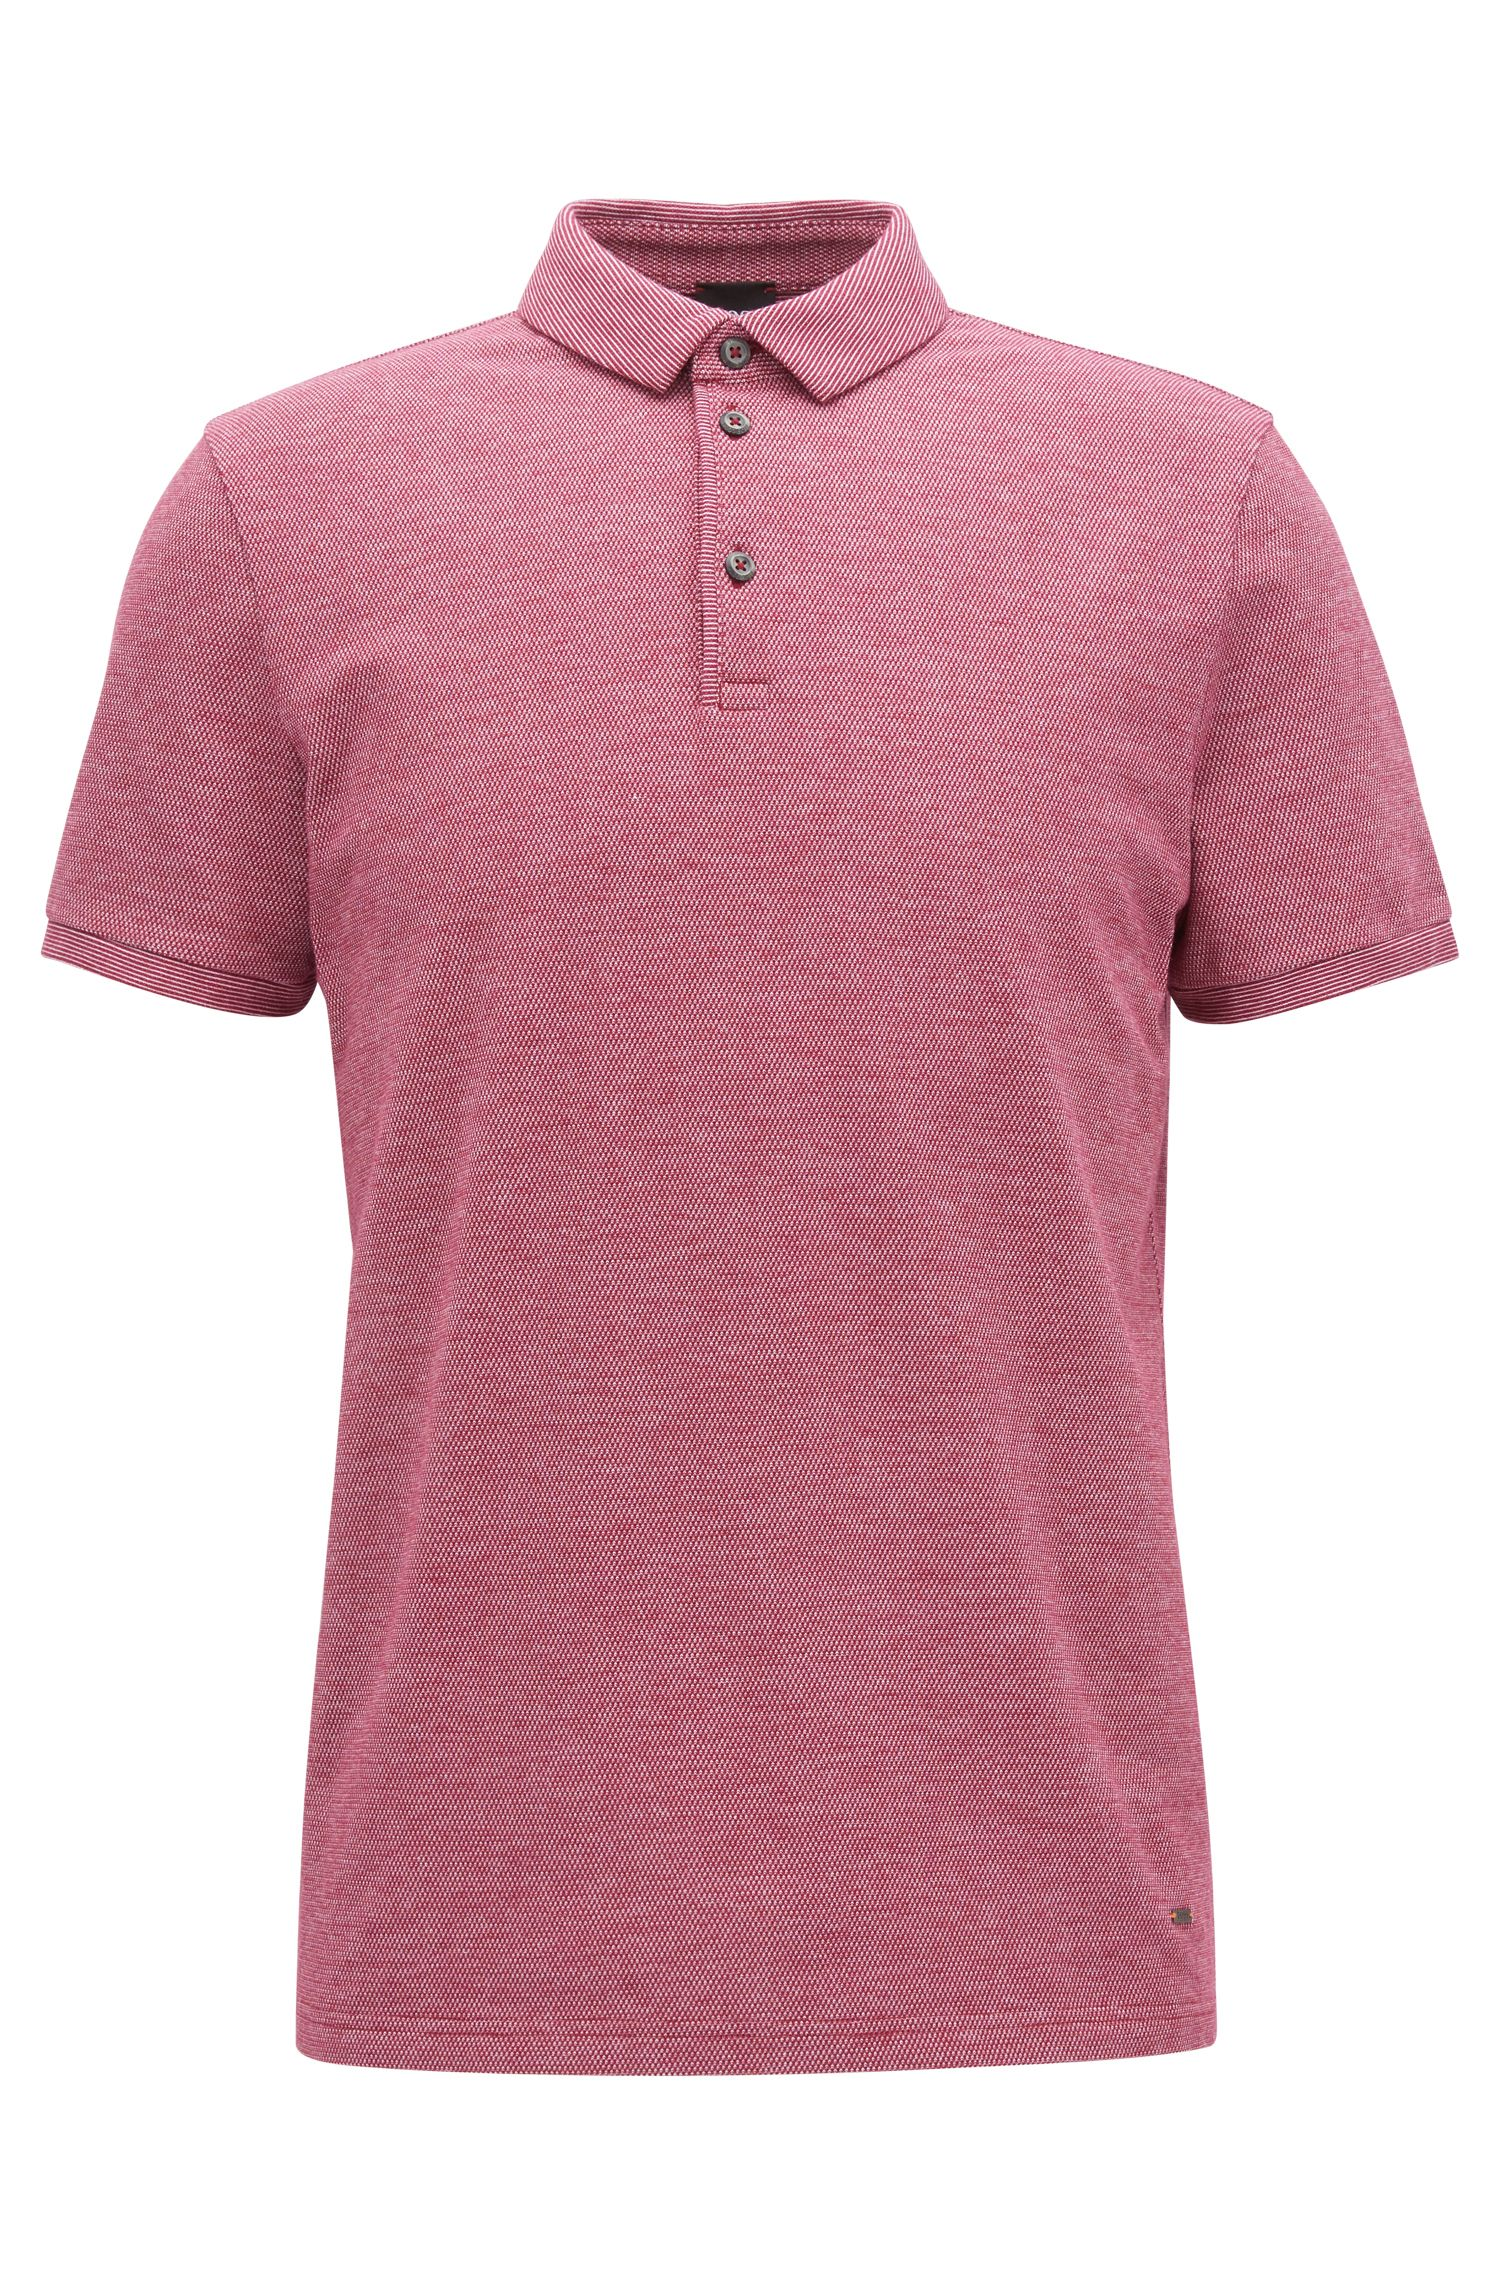 Stretch Cotton Piqué Polo Shirt, Slim Fit | Proses